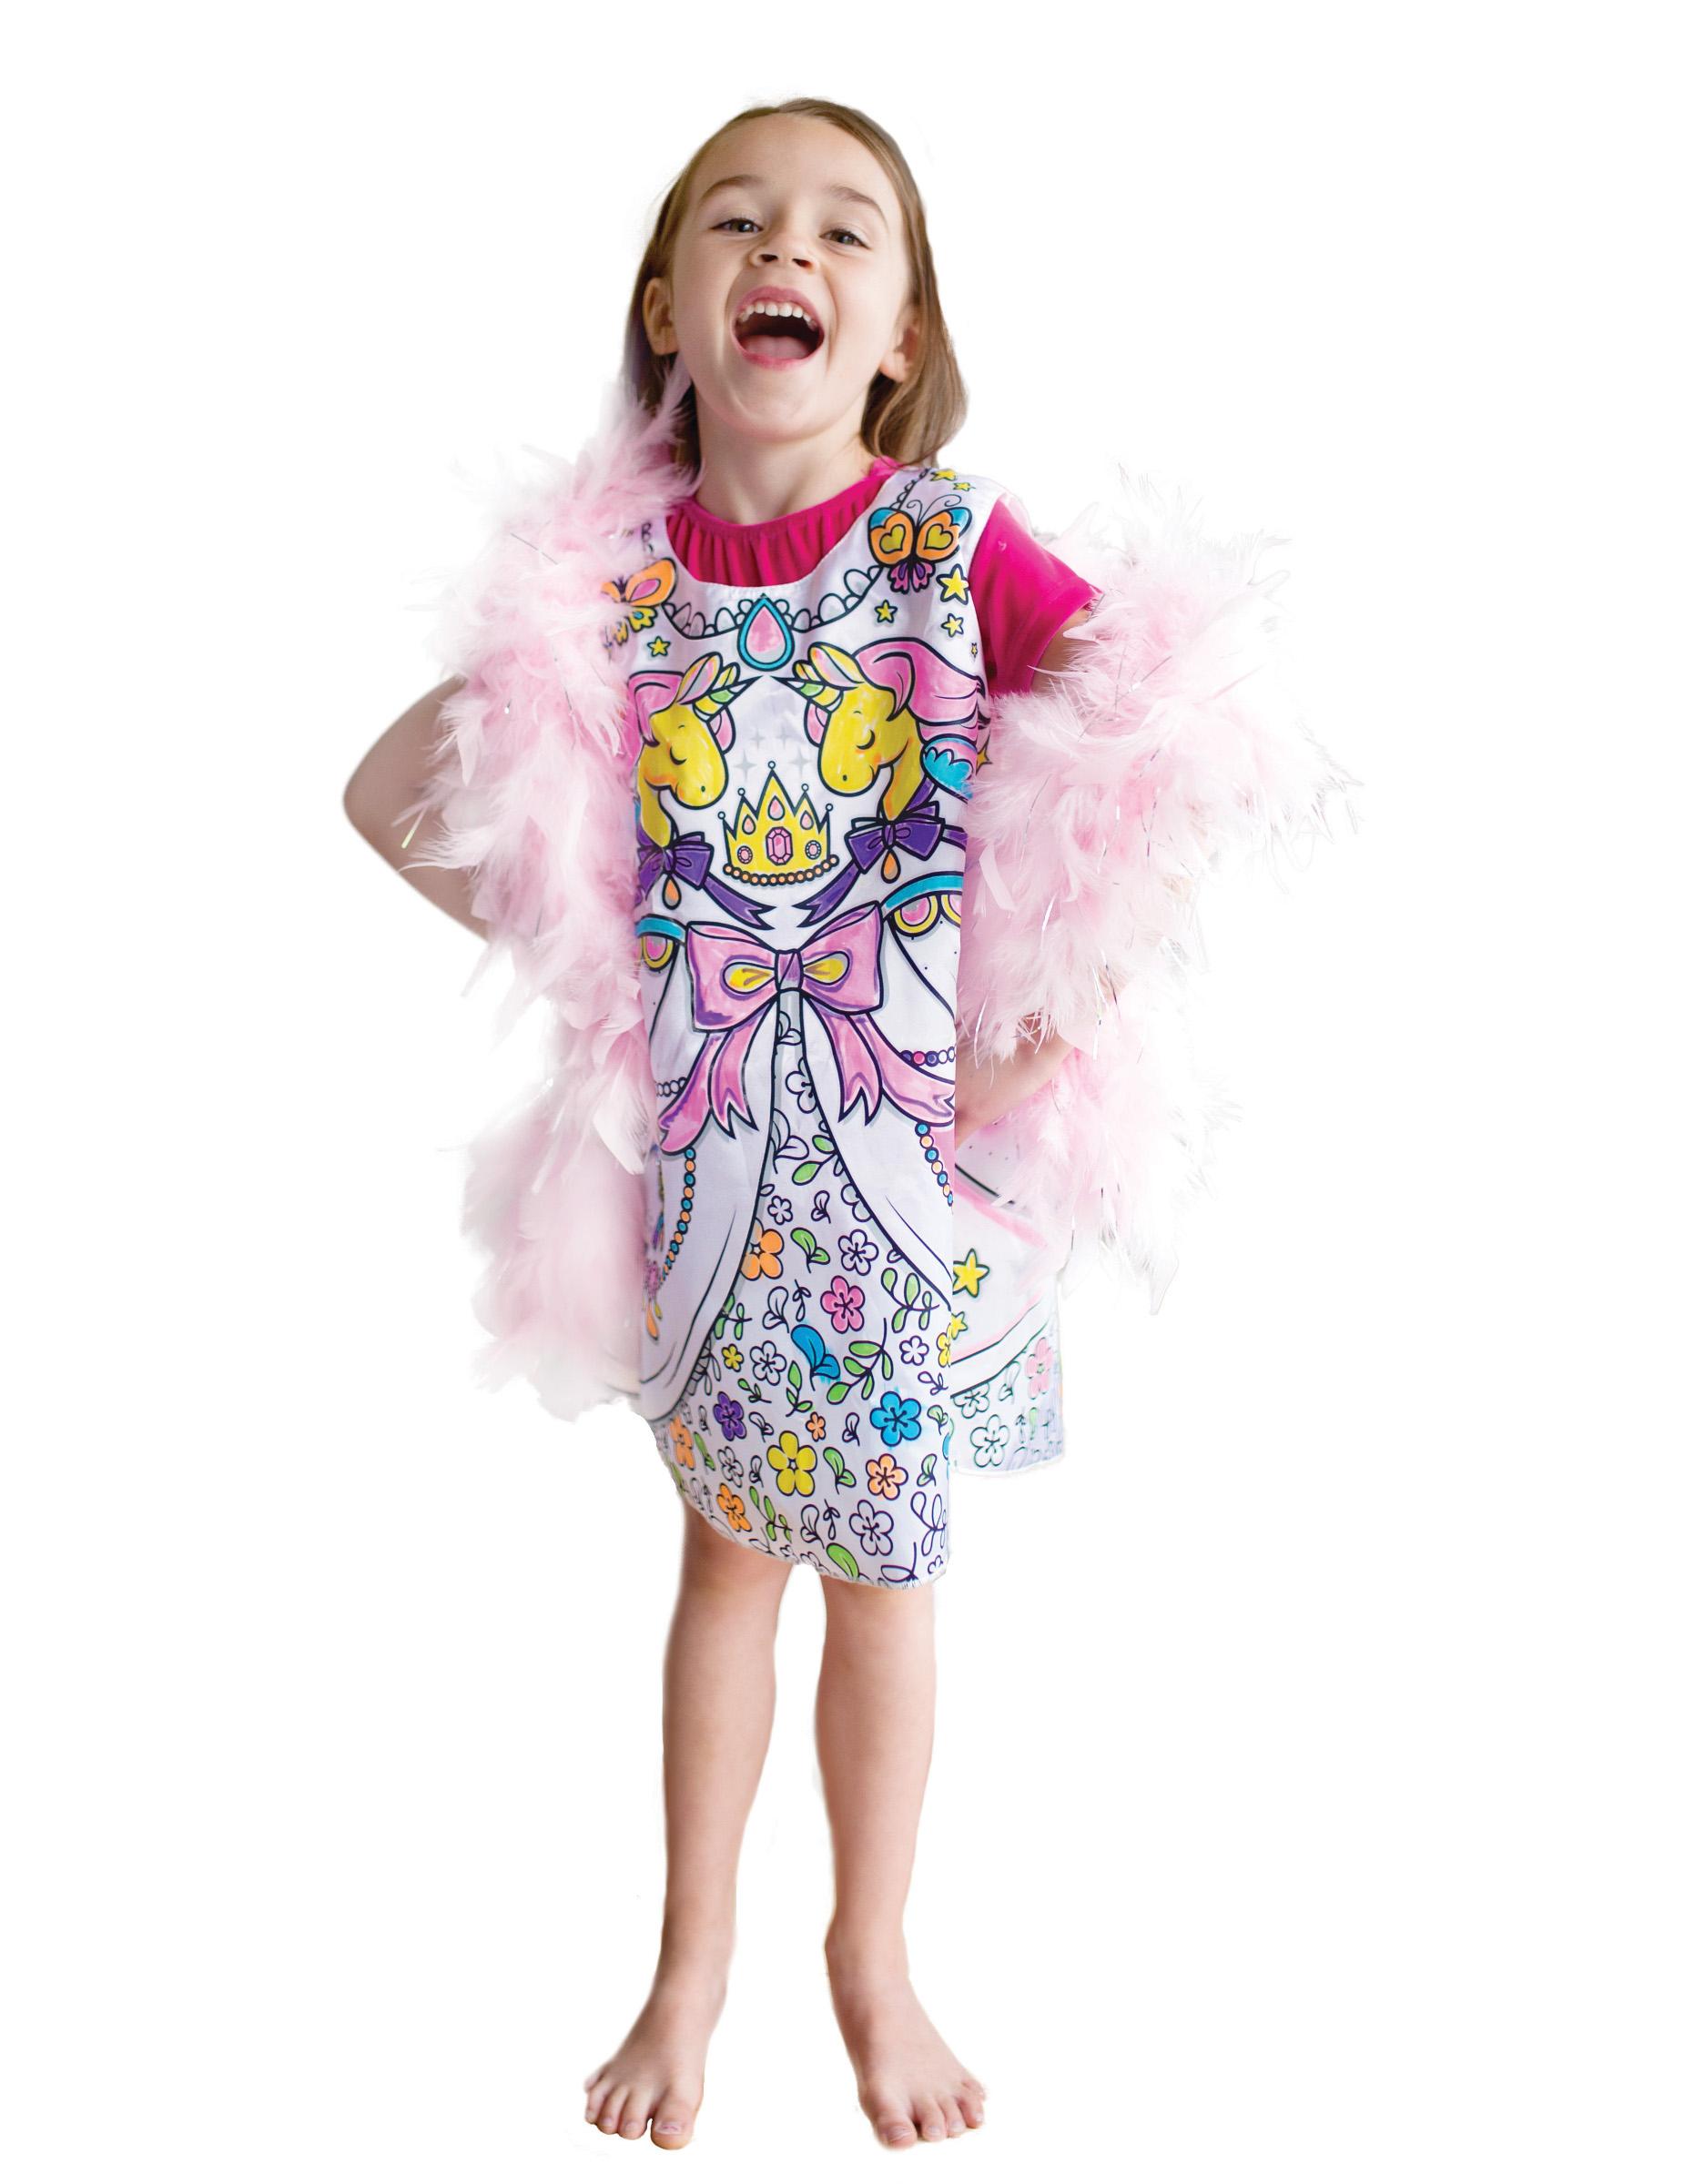 Robe lavable colorier princesse fille d coration - Fille a colorier ...